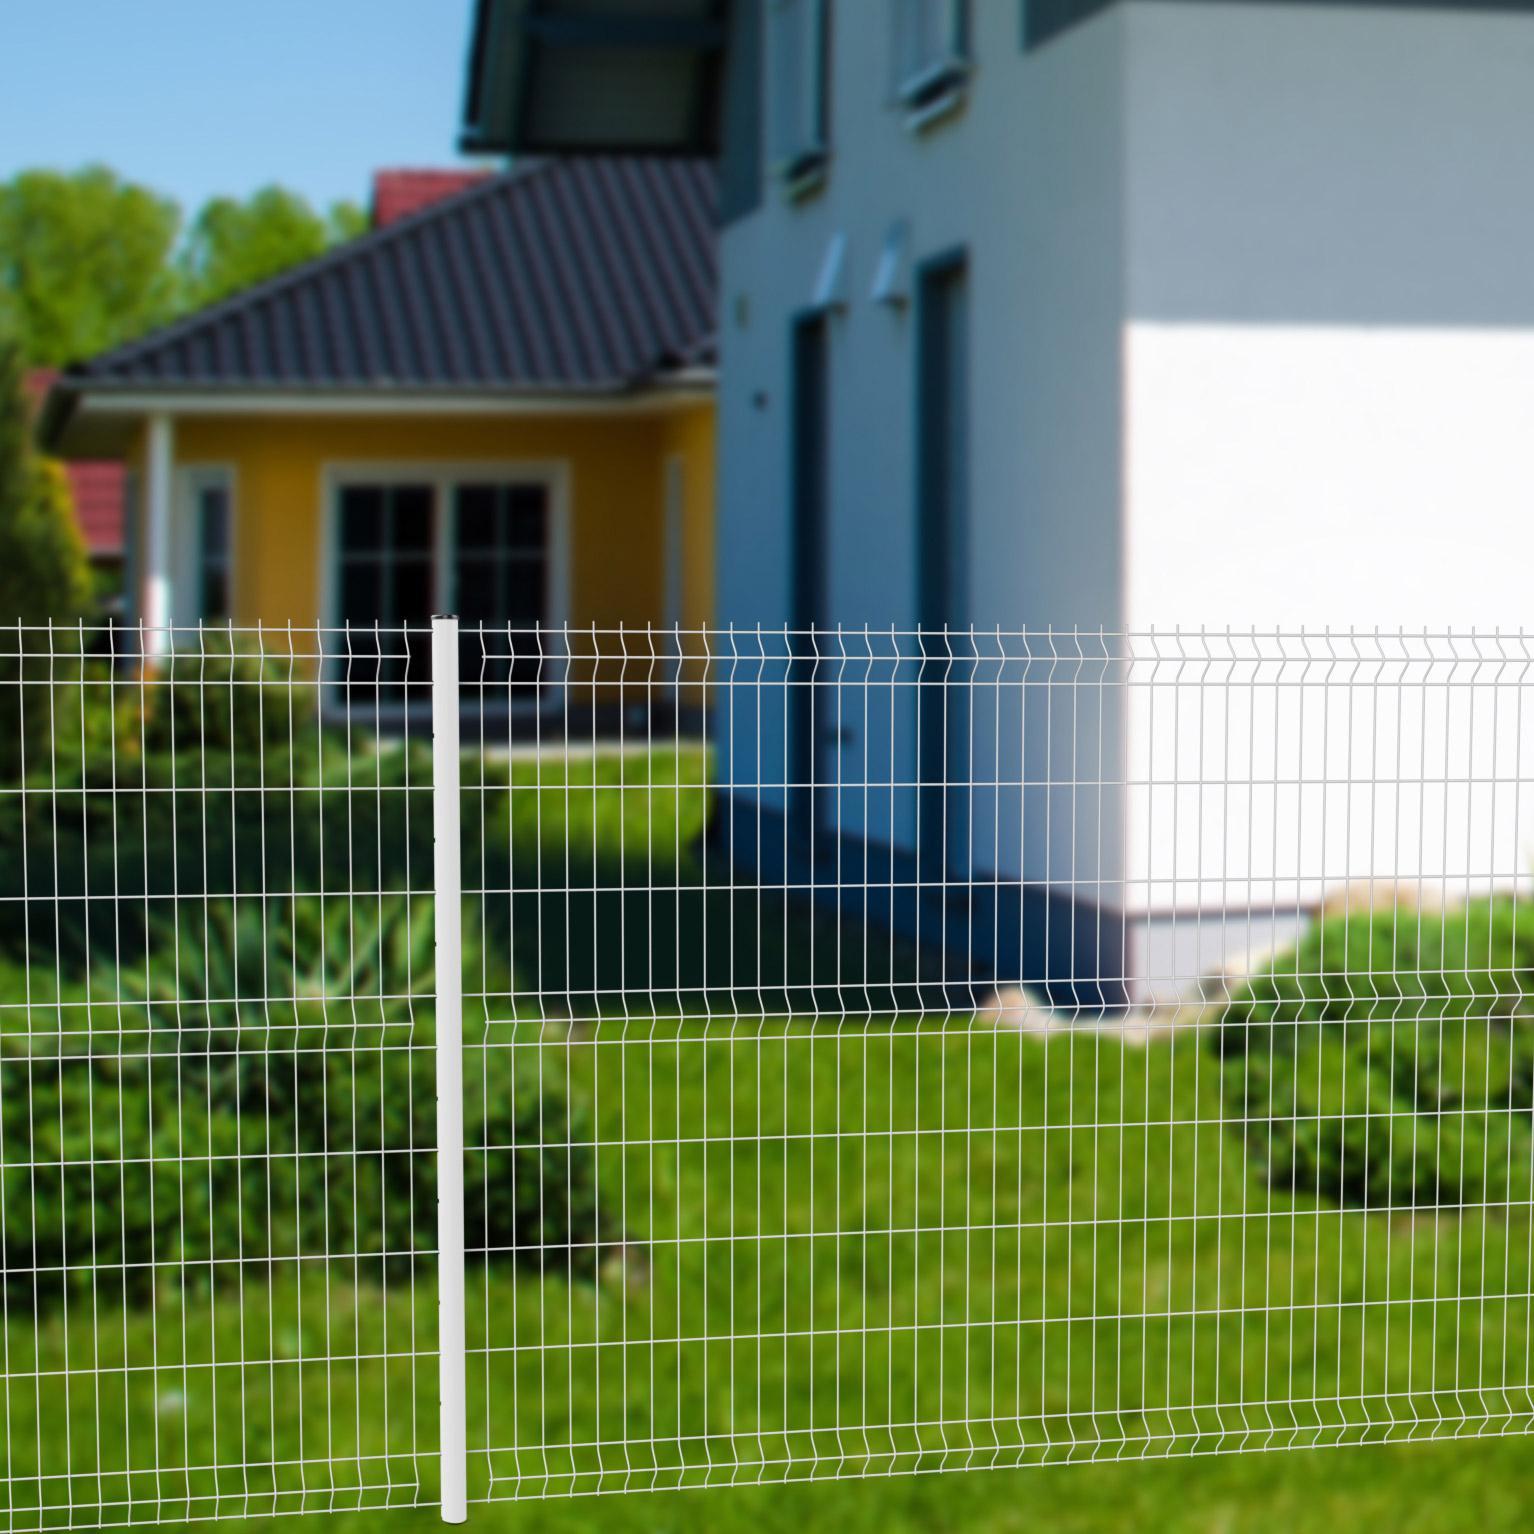 Brise Vue Hauteur 1M70 grillage rigide soudé naterial blanc h.1.72 x l.2.48m, maille 200x55mm